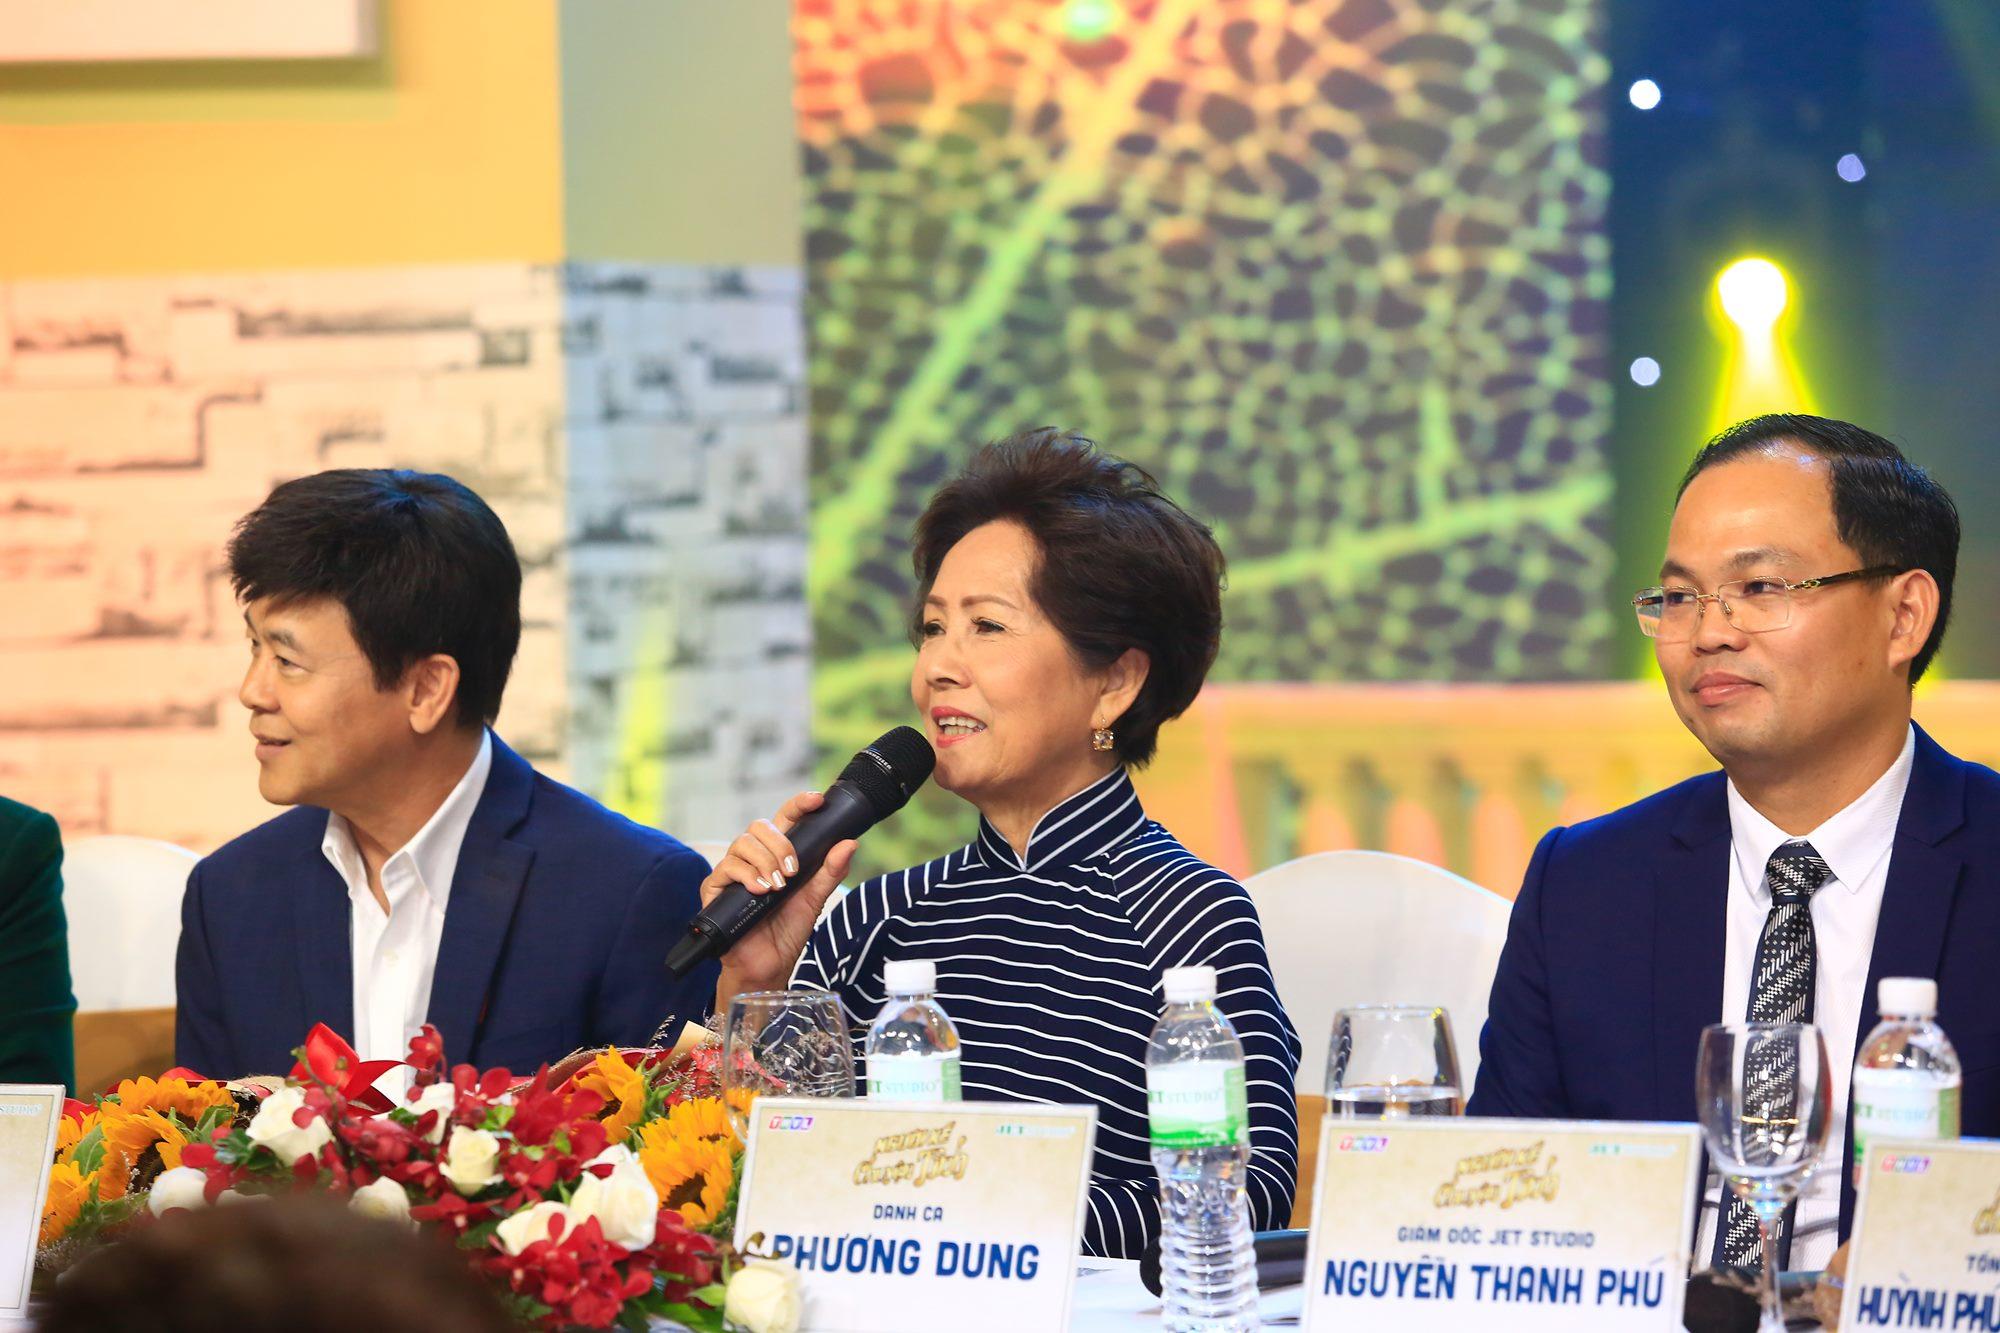 Quang canh Hop bao NKCT (9)